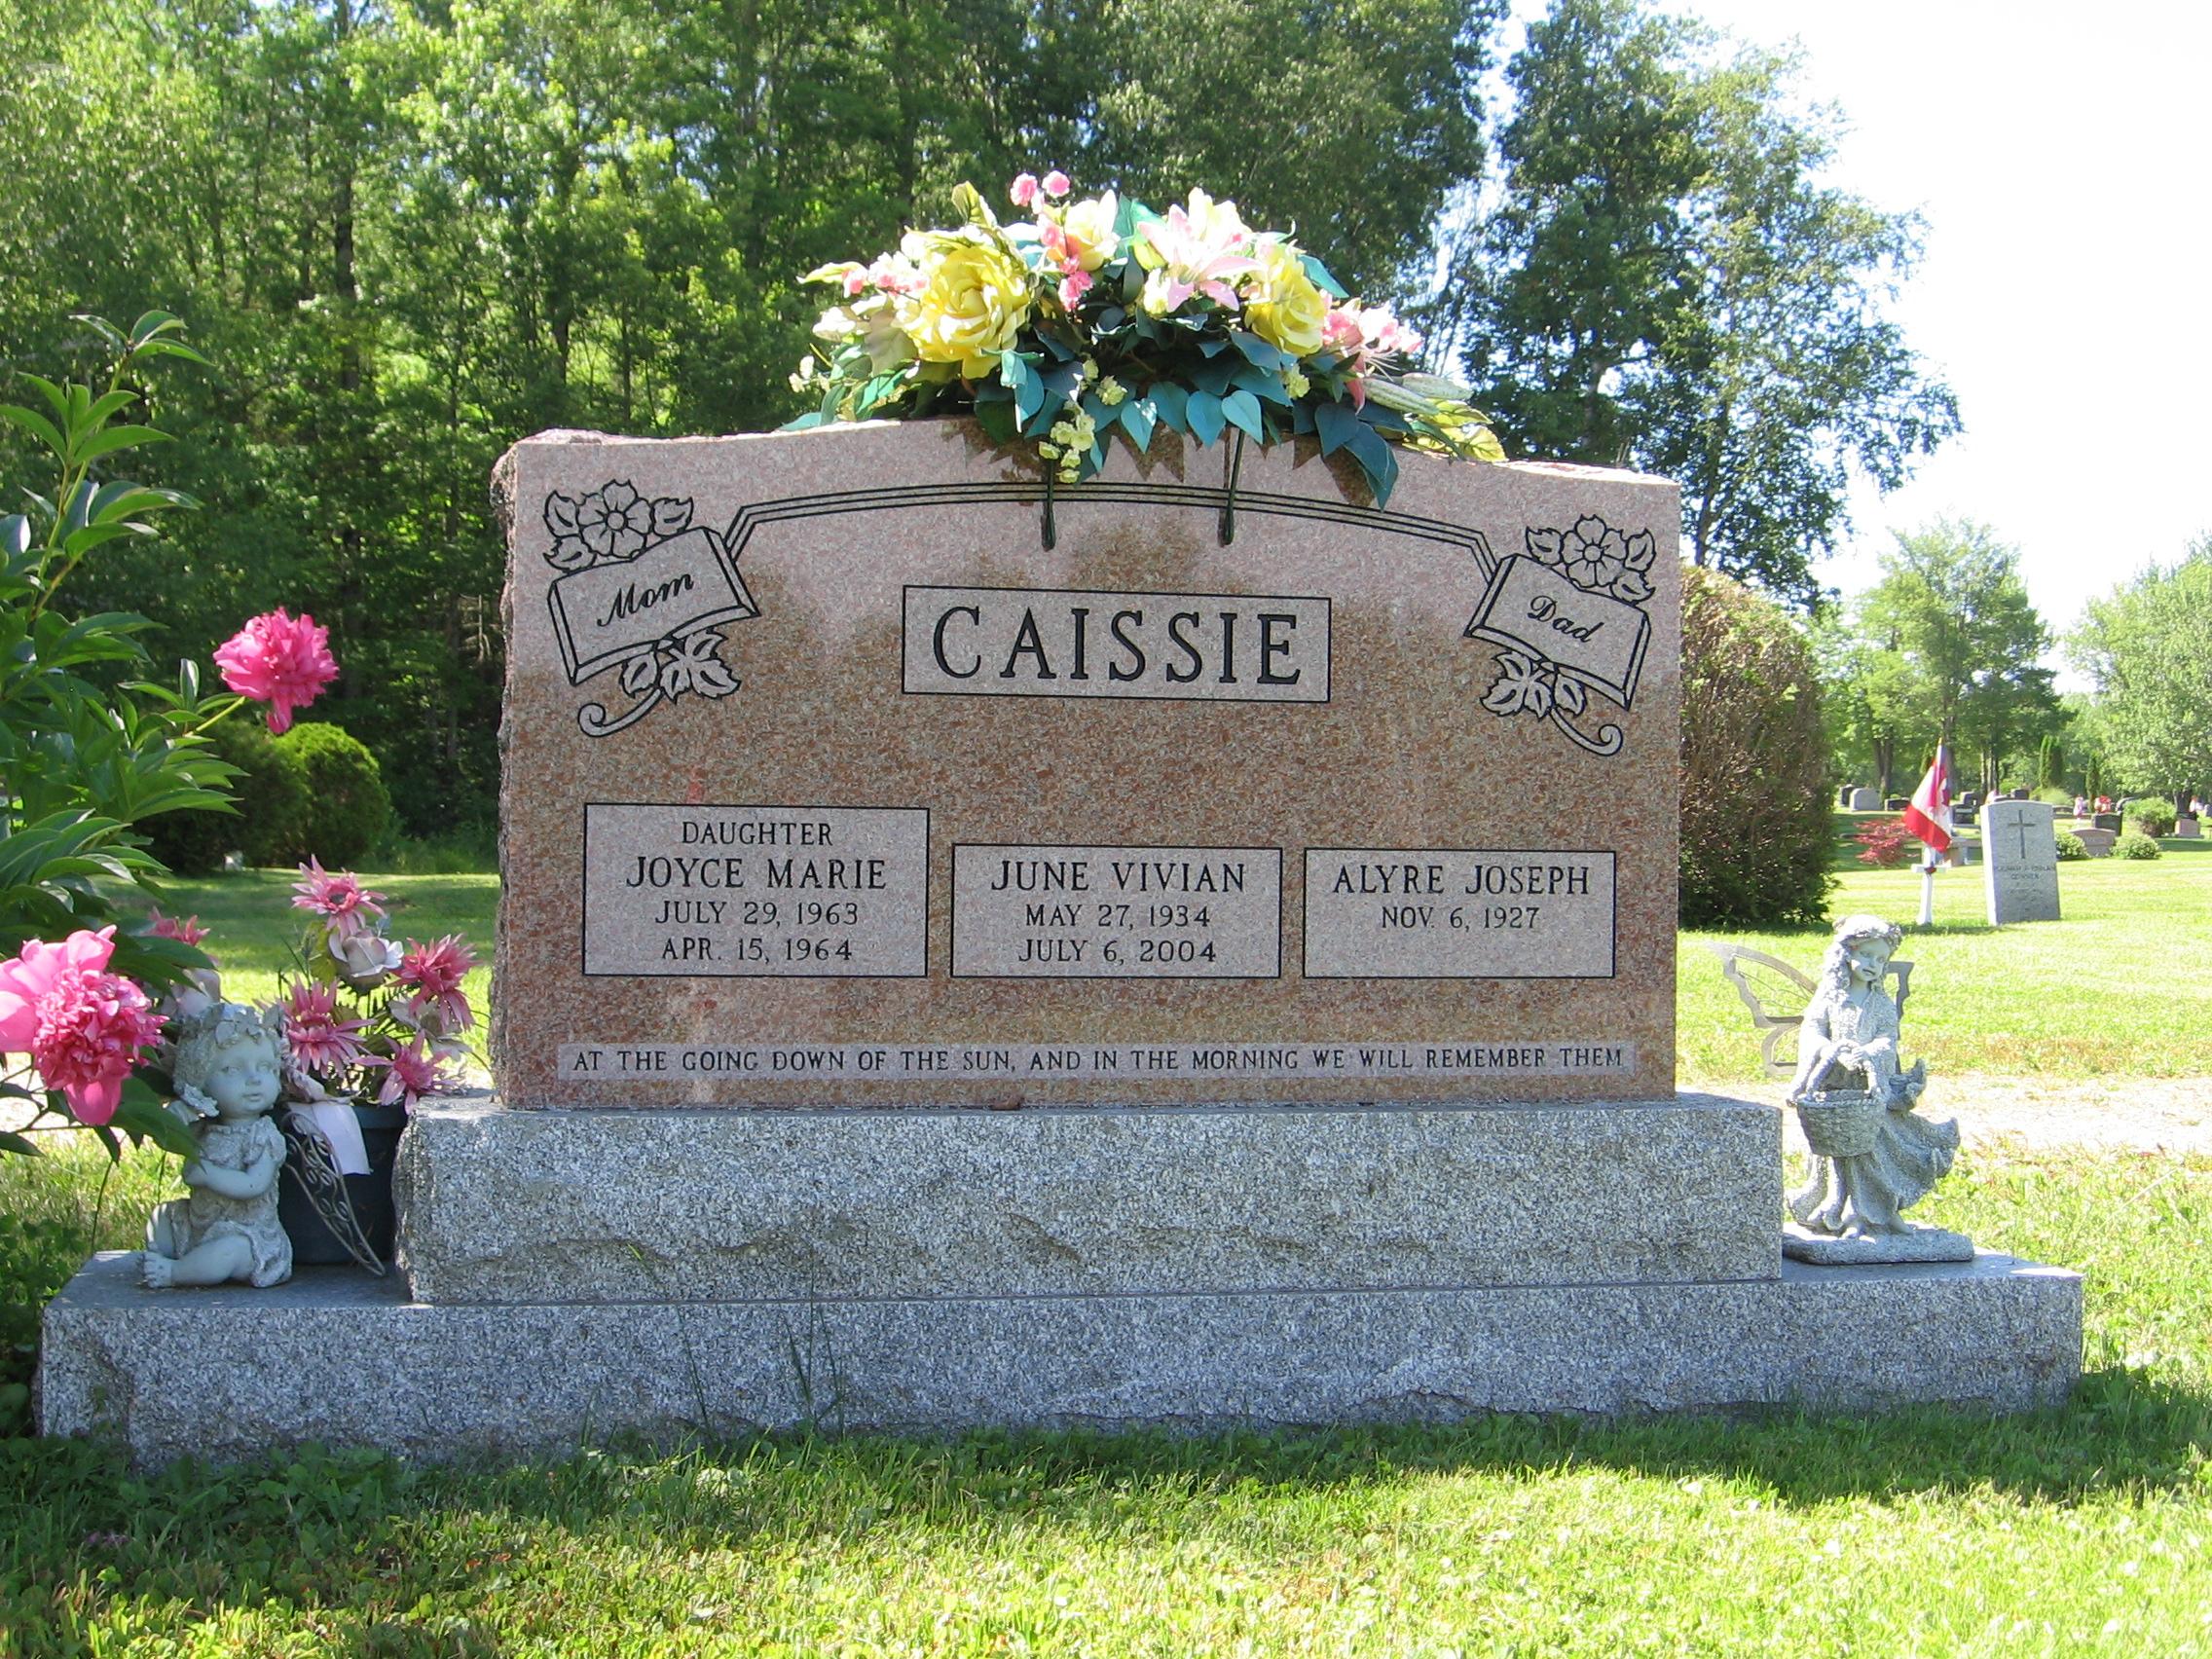 Caissie Joyce Marie 1963 1964